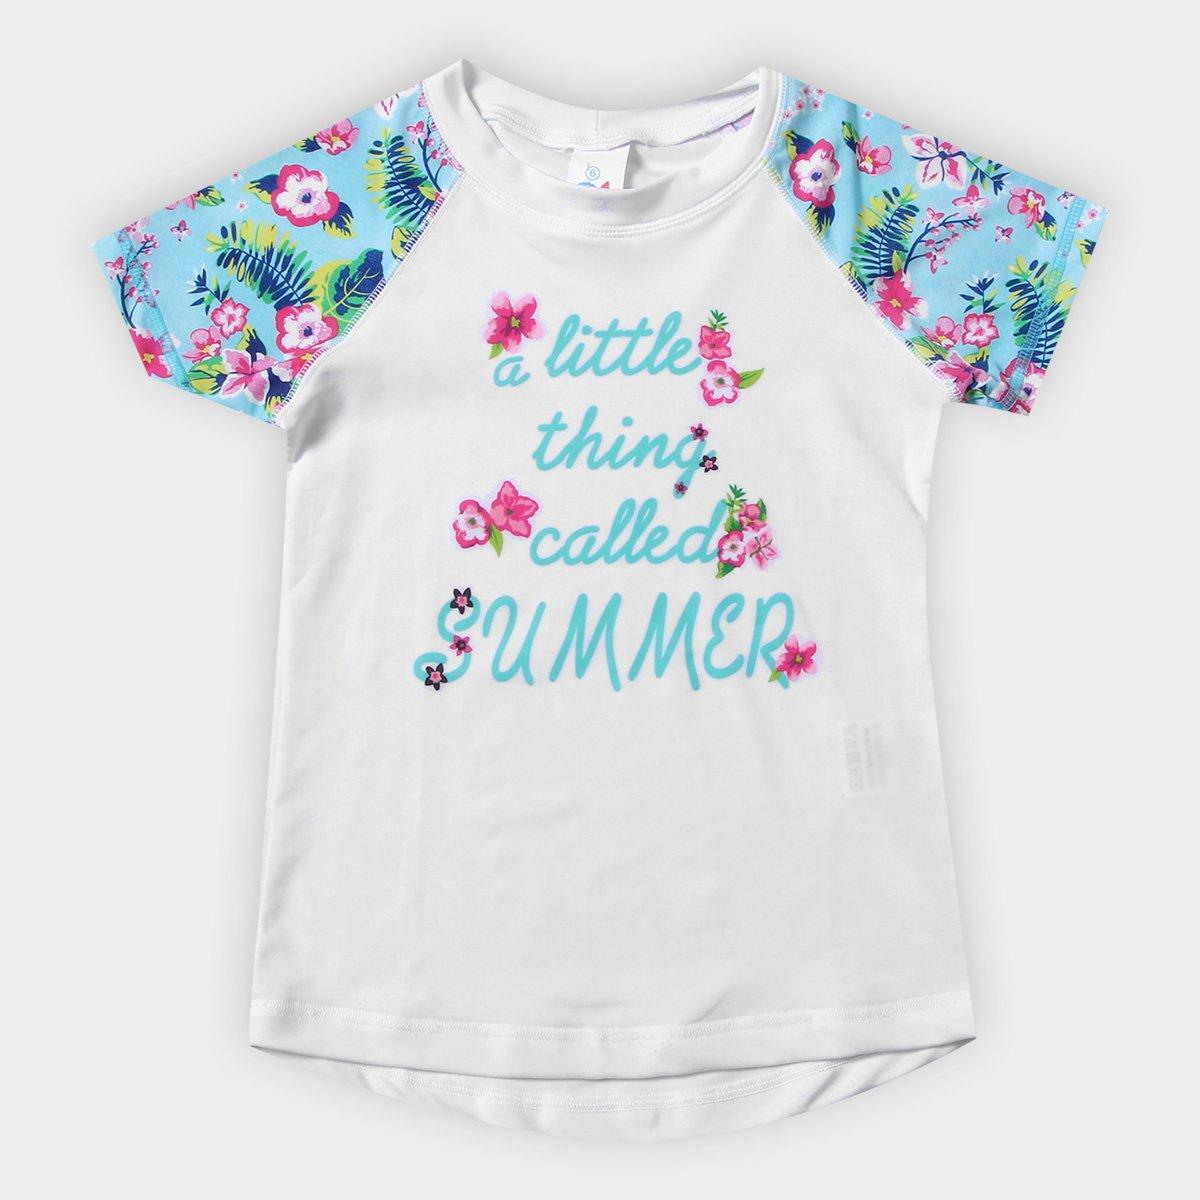 5c089411ac638 Camiseta Infantil Tip Top Summer Flower Proteção UV Feminina - Azul Claro e  Branco - Compre Agora